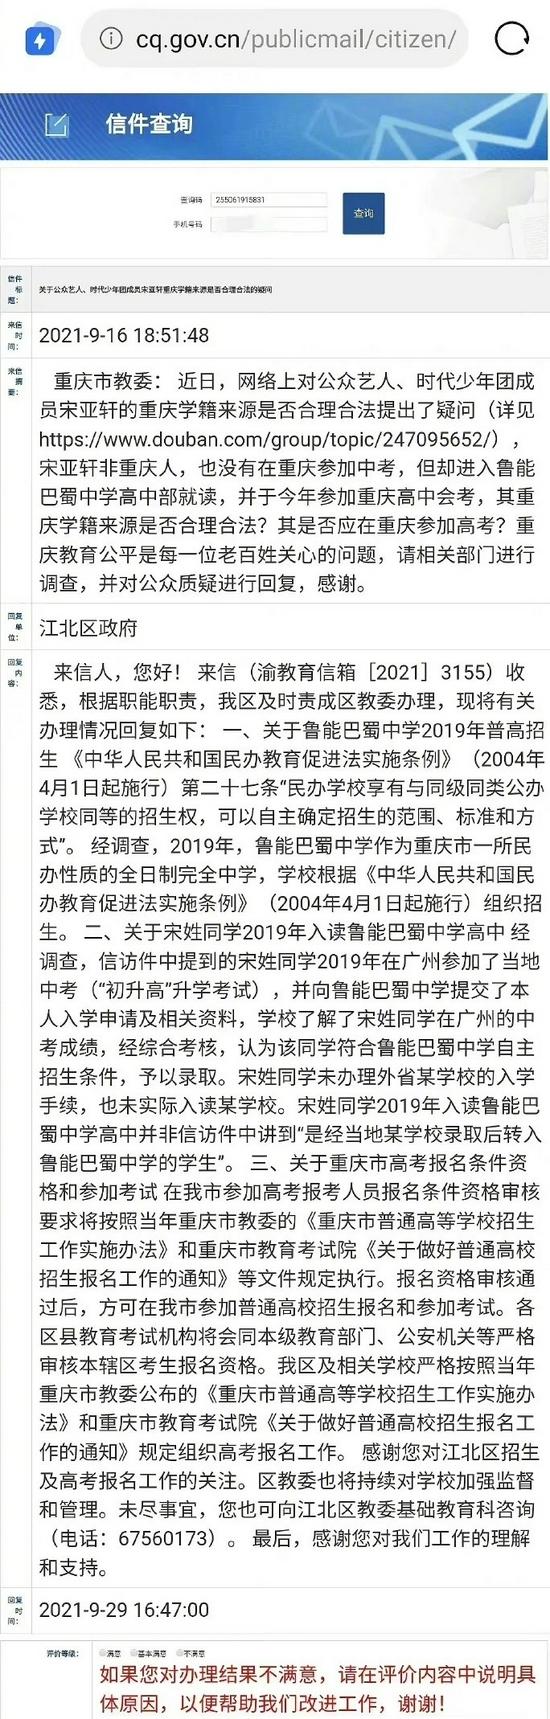 重庆市教委回应宋亚轩学籍问题:一切流程合法合规